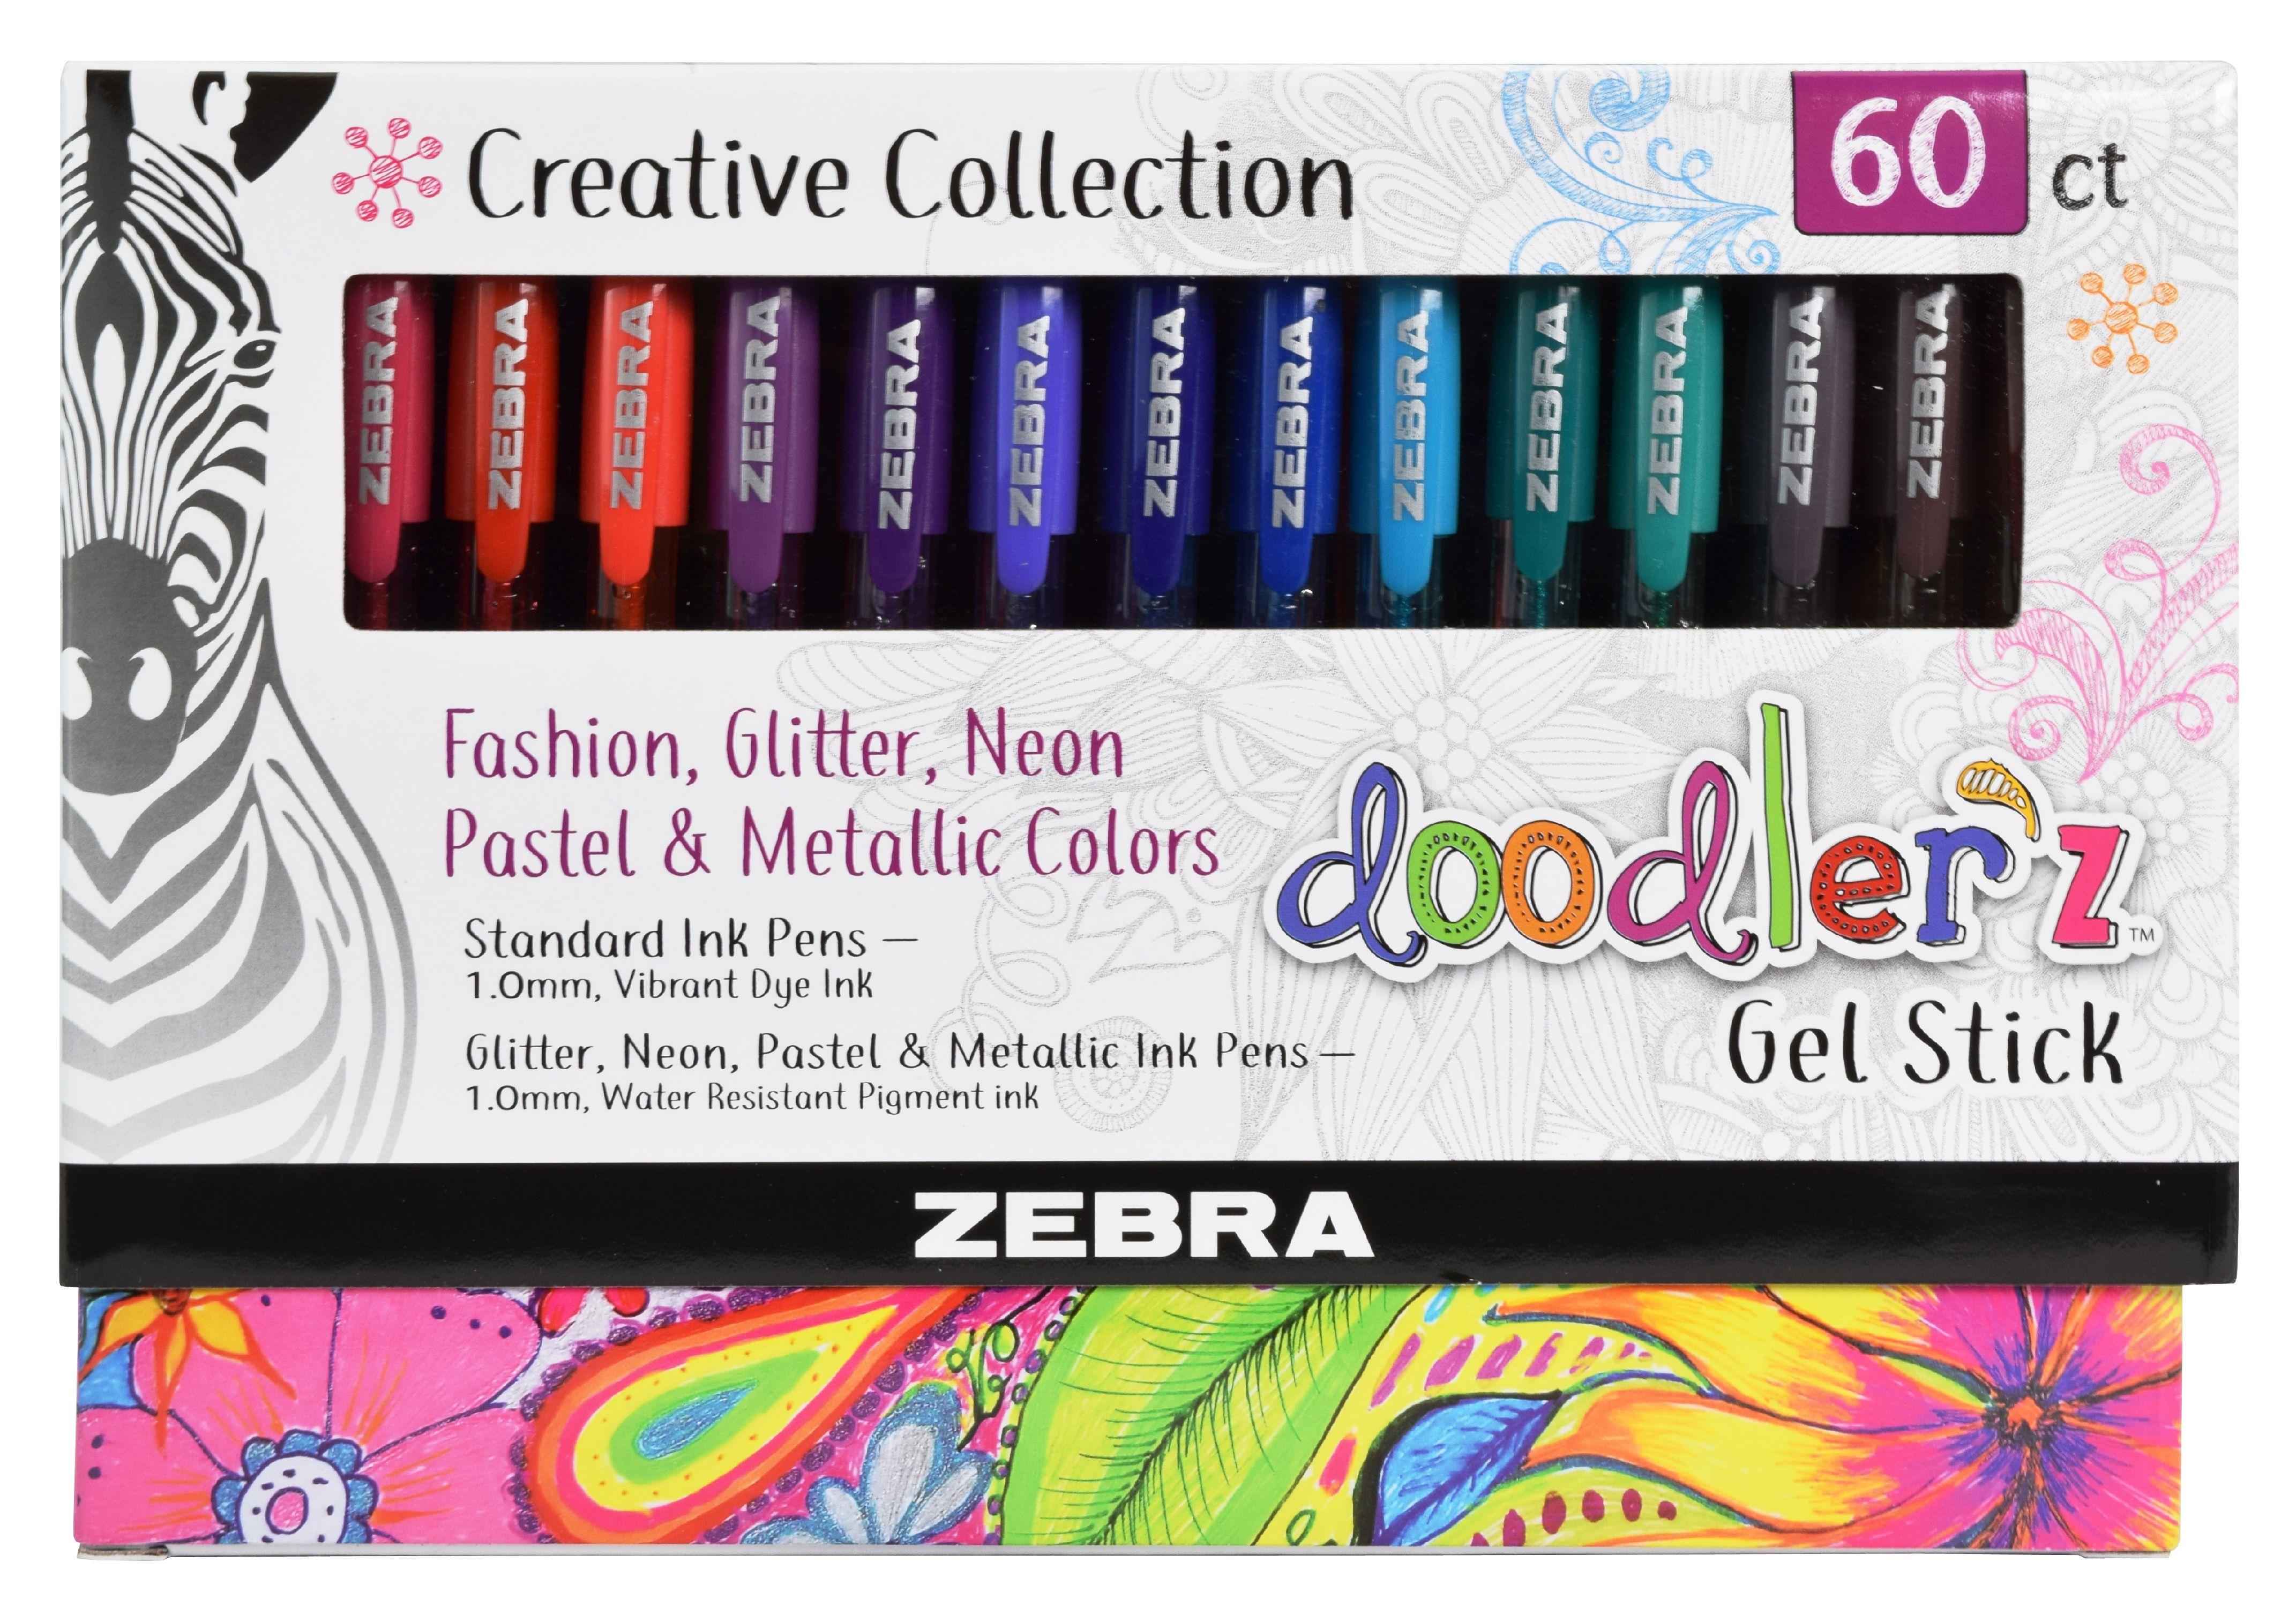 Zebra Pen Doodlerz Gel Stick Pen Mega Set, Bold Point 1.0mm, Assorted Colors, 60-Count $13